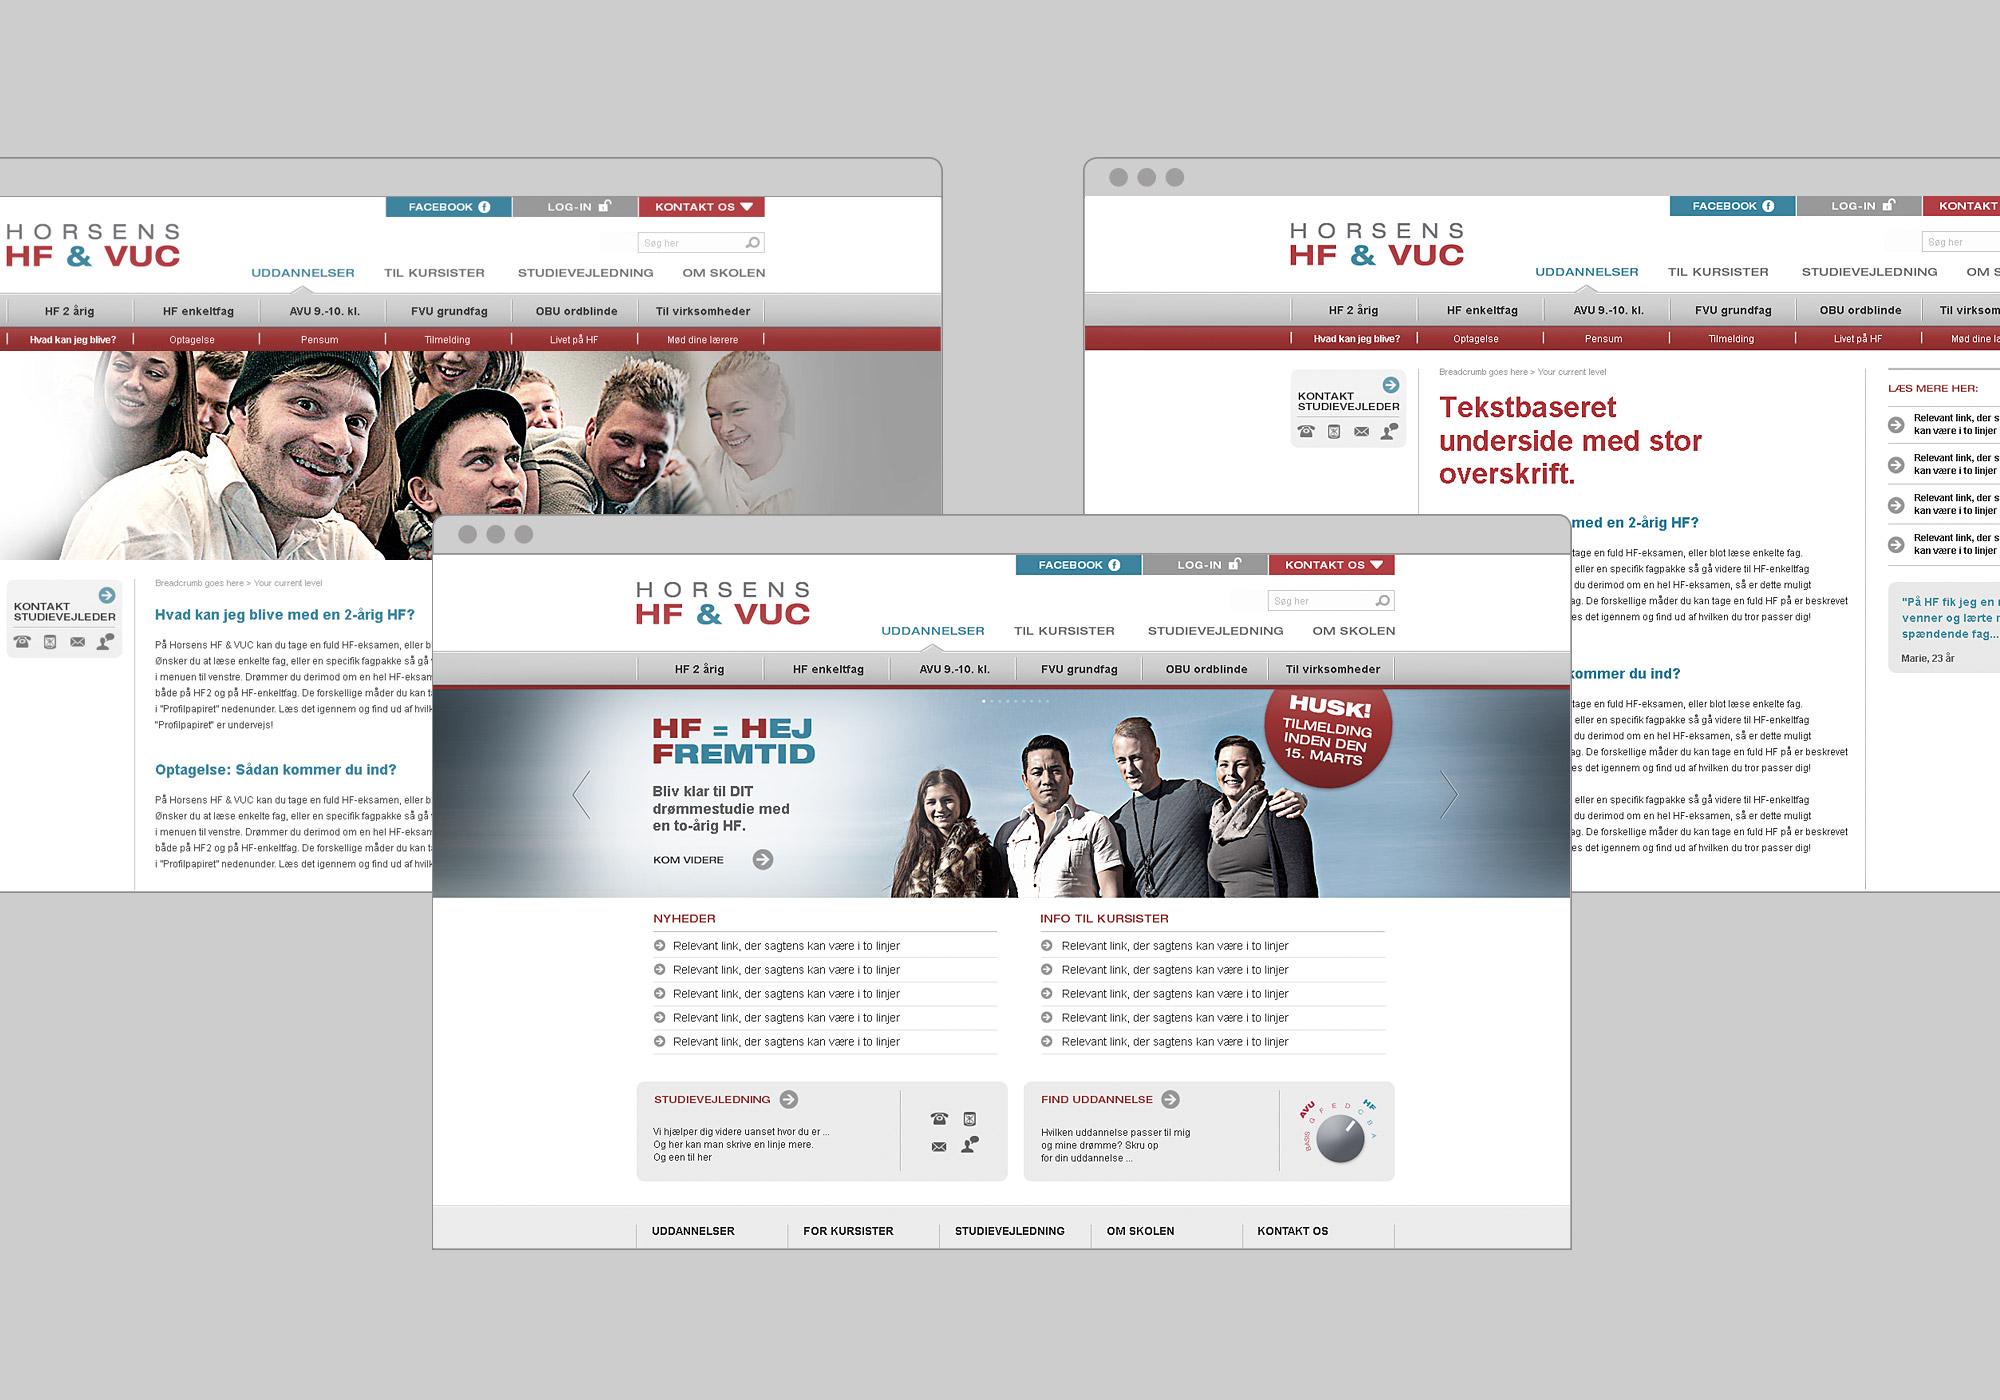 Horsens-website.jpg